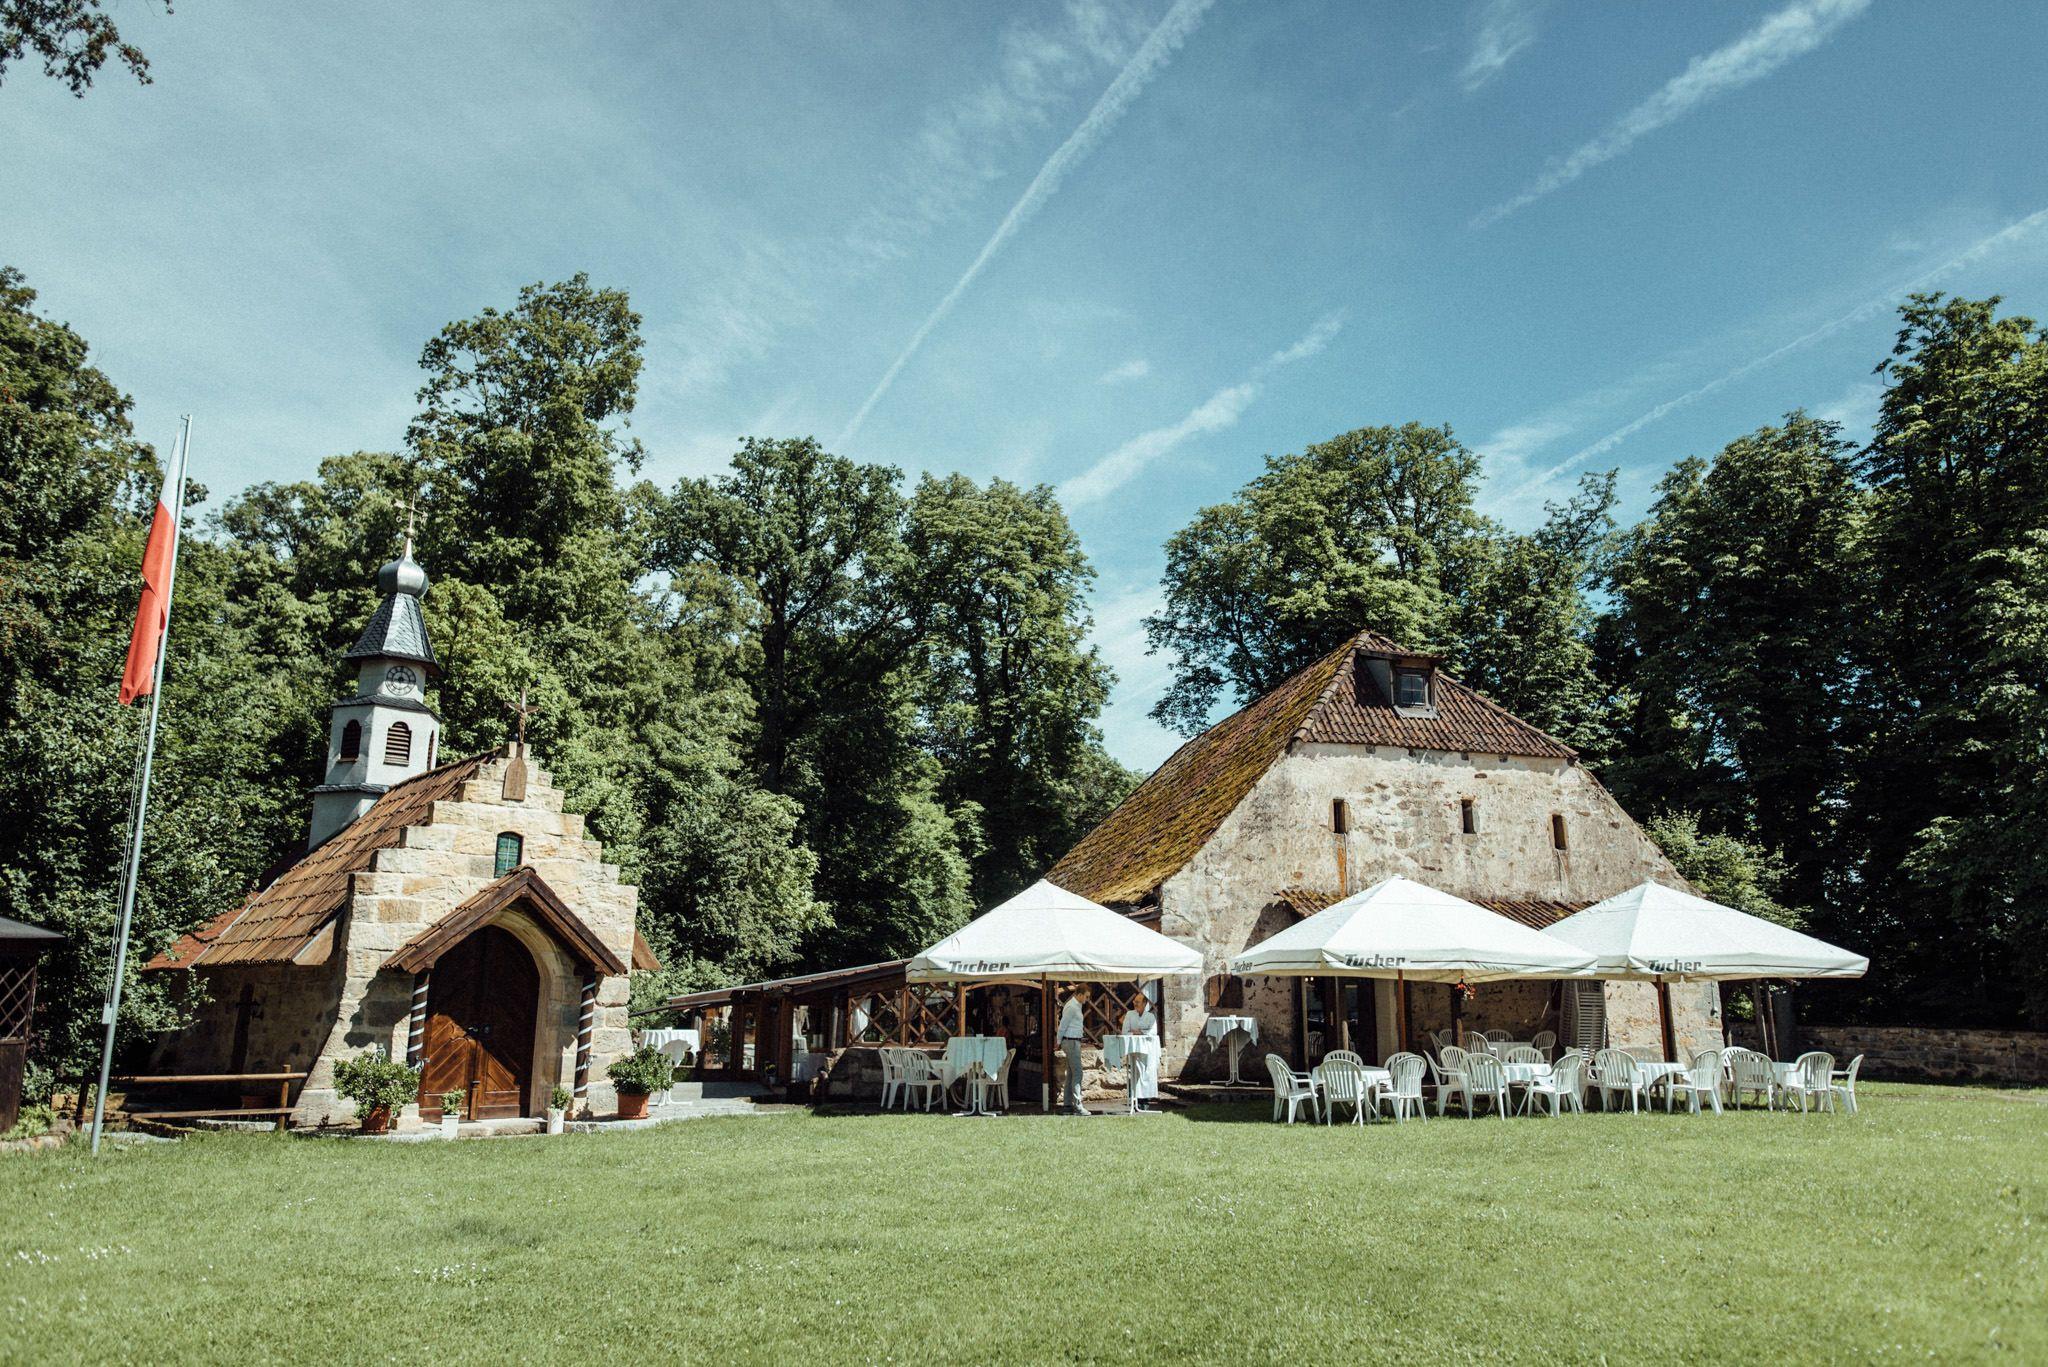 Heiraten Im Grunen Romantische Sommerhochzeit In Der Natur Heiraten Im Zauberhaften Schloss Geiersberg Hochzeitslocation Hochzeitsfotos Hochzeitsfotograf